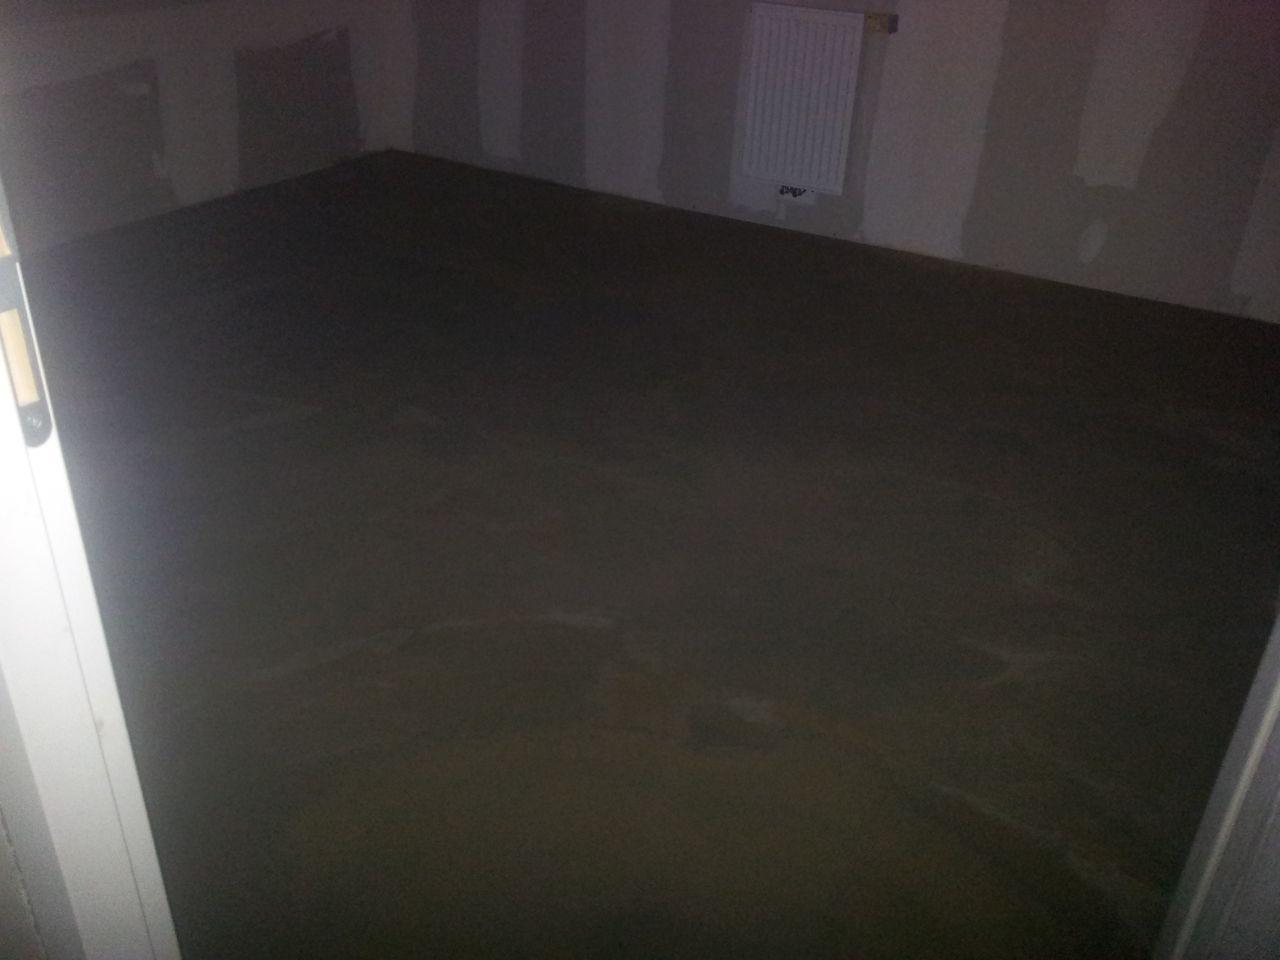 r 233 alisation de l enduit ext 233 rieur prb015 ton chauffage au sol et chape lisse le cdt